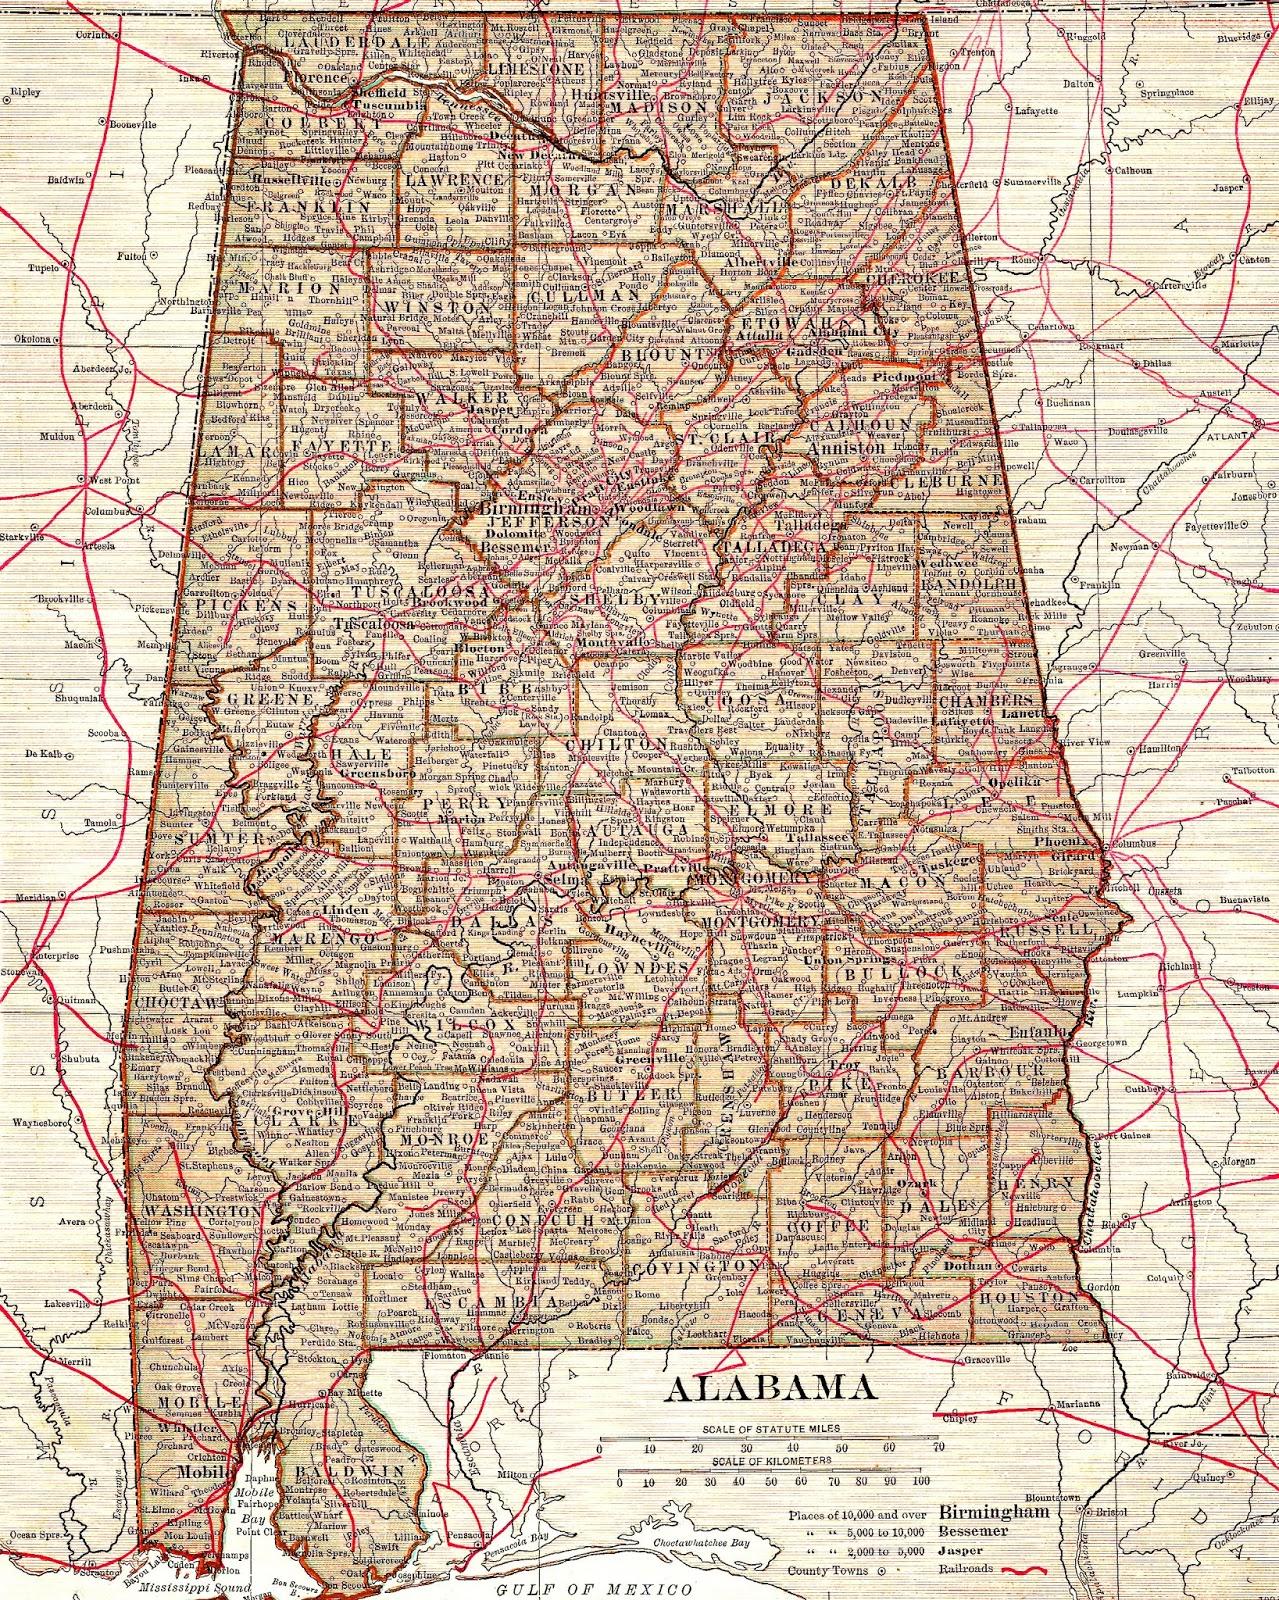 Antique Images: Vintage Map Background Digital Scrapbooking Alabama